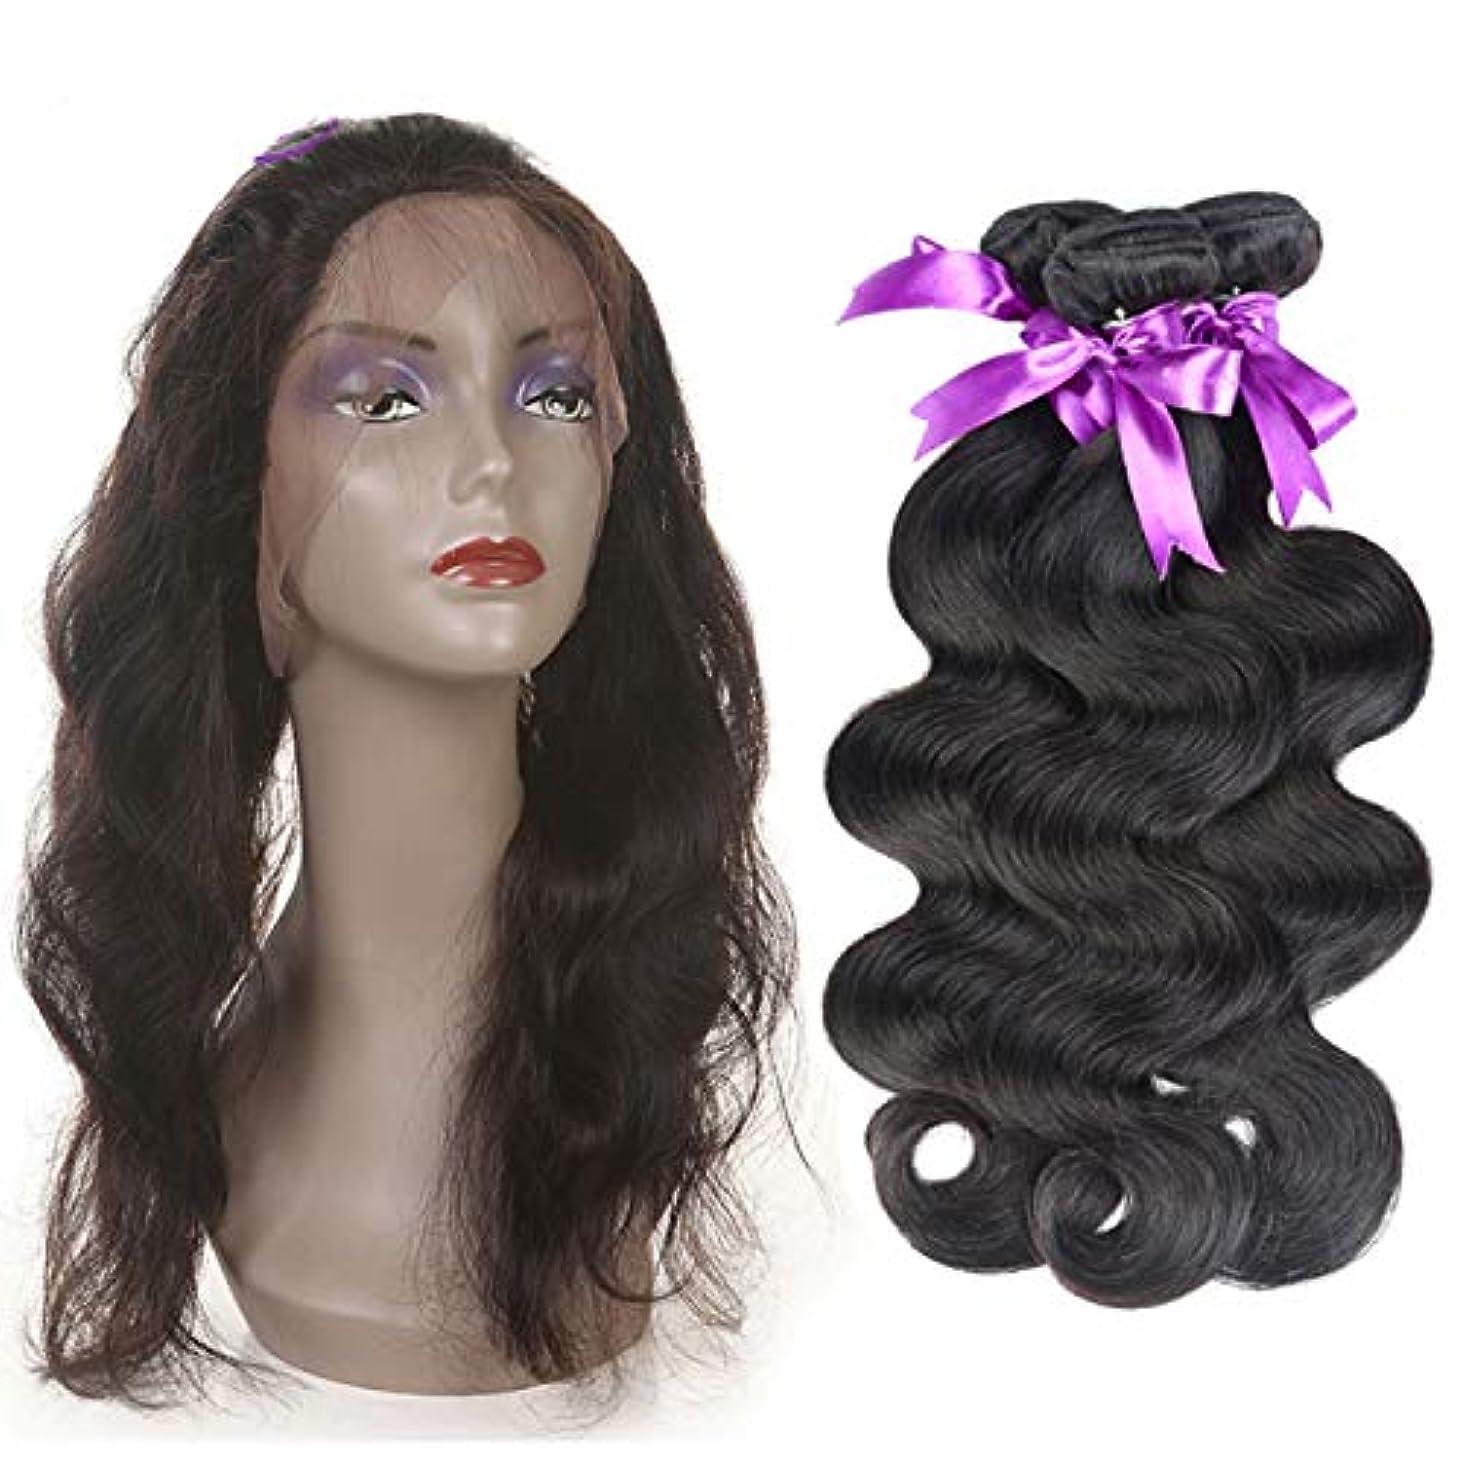 踊り子軽量よく話されるかつら 360レース前頭閉鎖髪織りバンドル非レミー人間の髪を持つマレーシア実体波3バンドル (Length : 12 14 16 Closure 10)